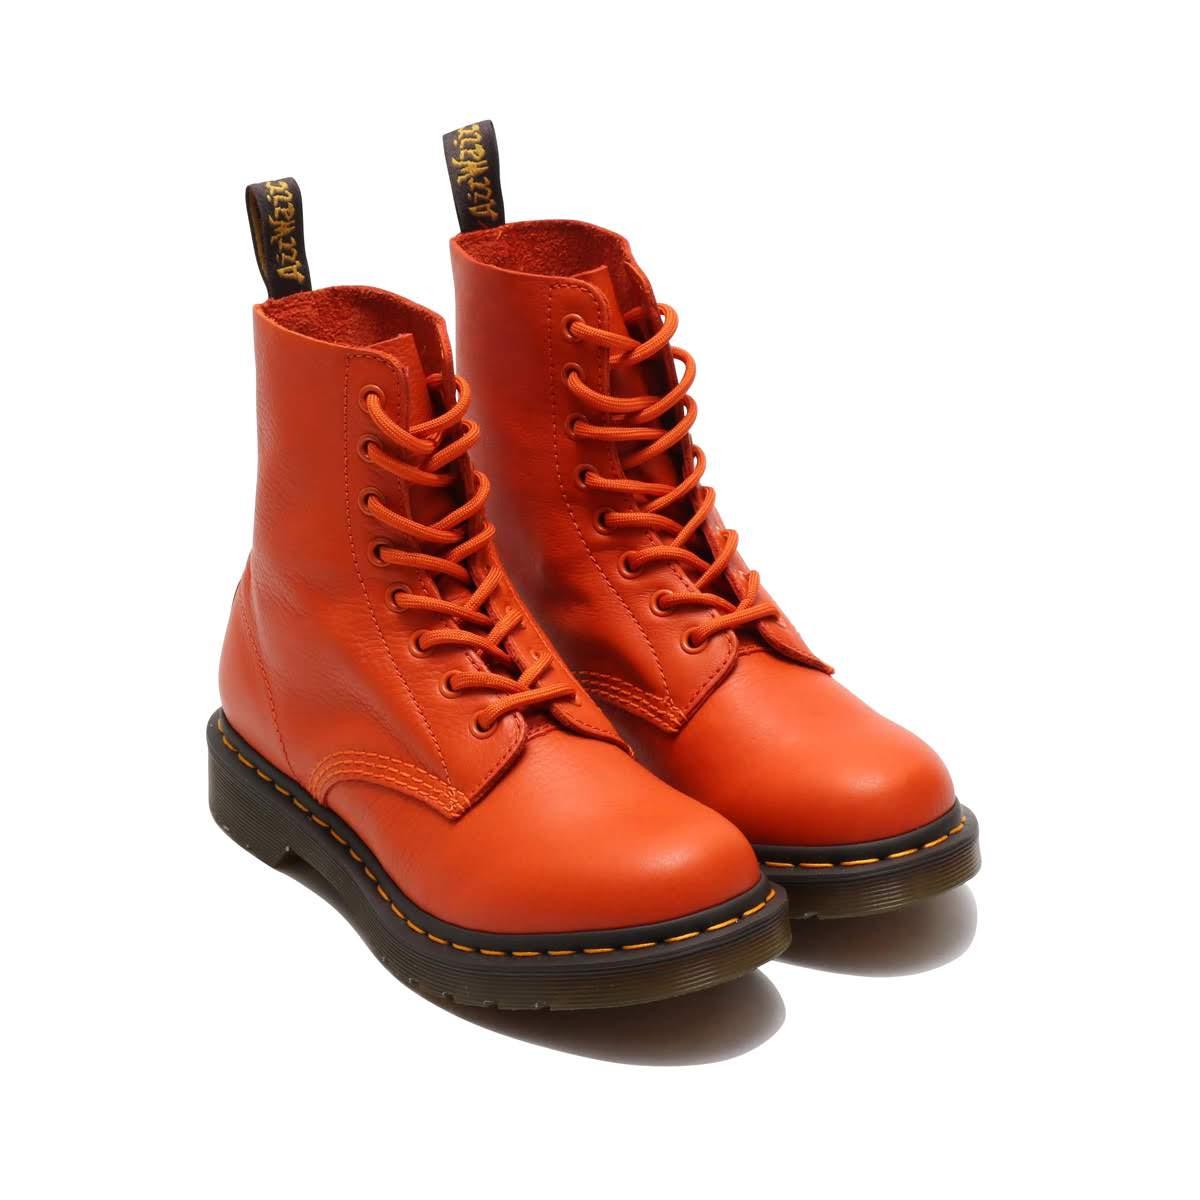 Dr.Martens 1460 Pascal (ドクターマーチン 1460 パスカル)ORANGE【メンズ レディース ブーツ】18FW-I